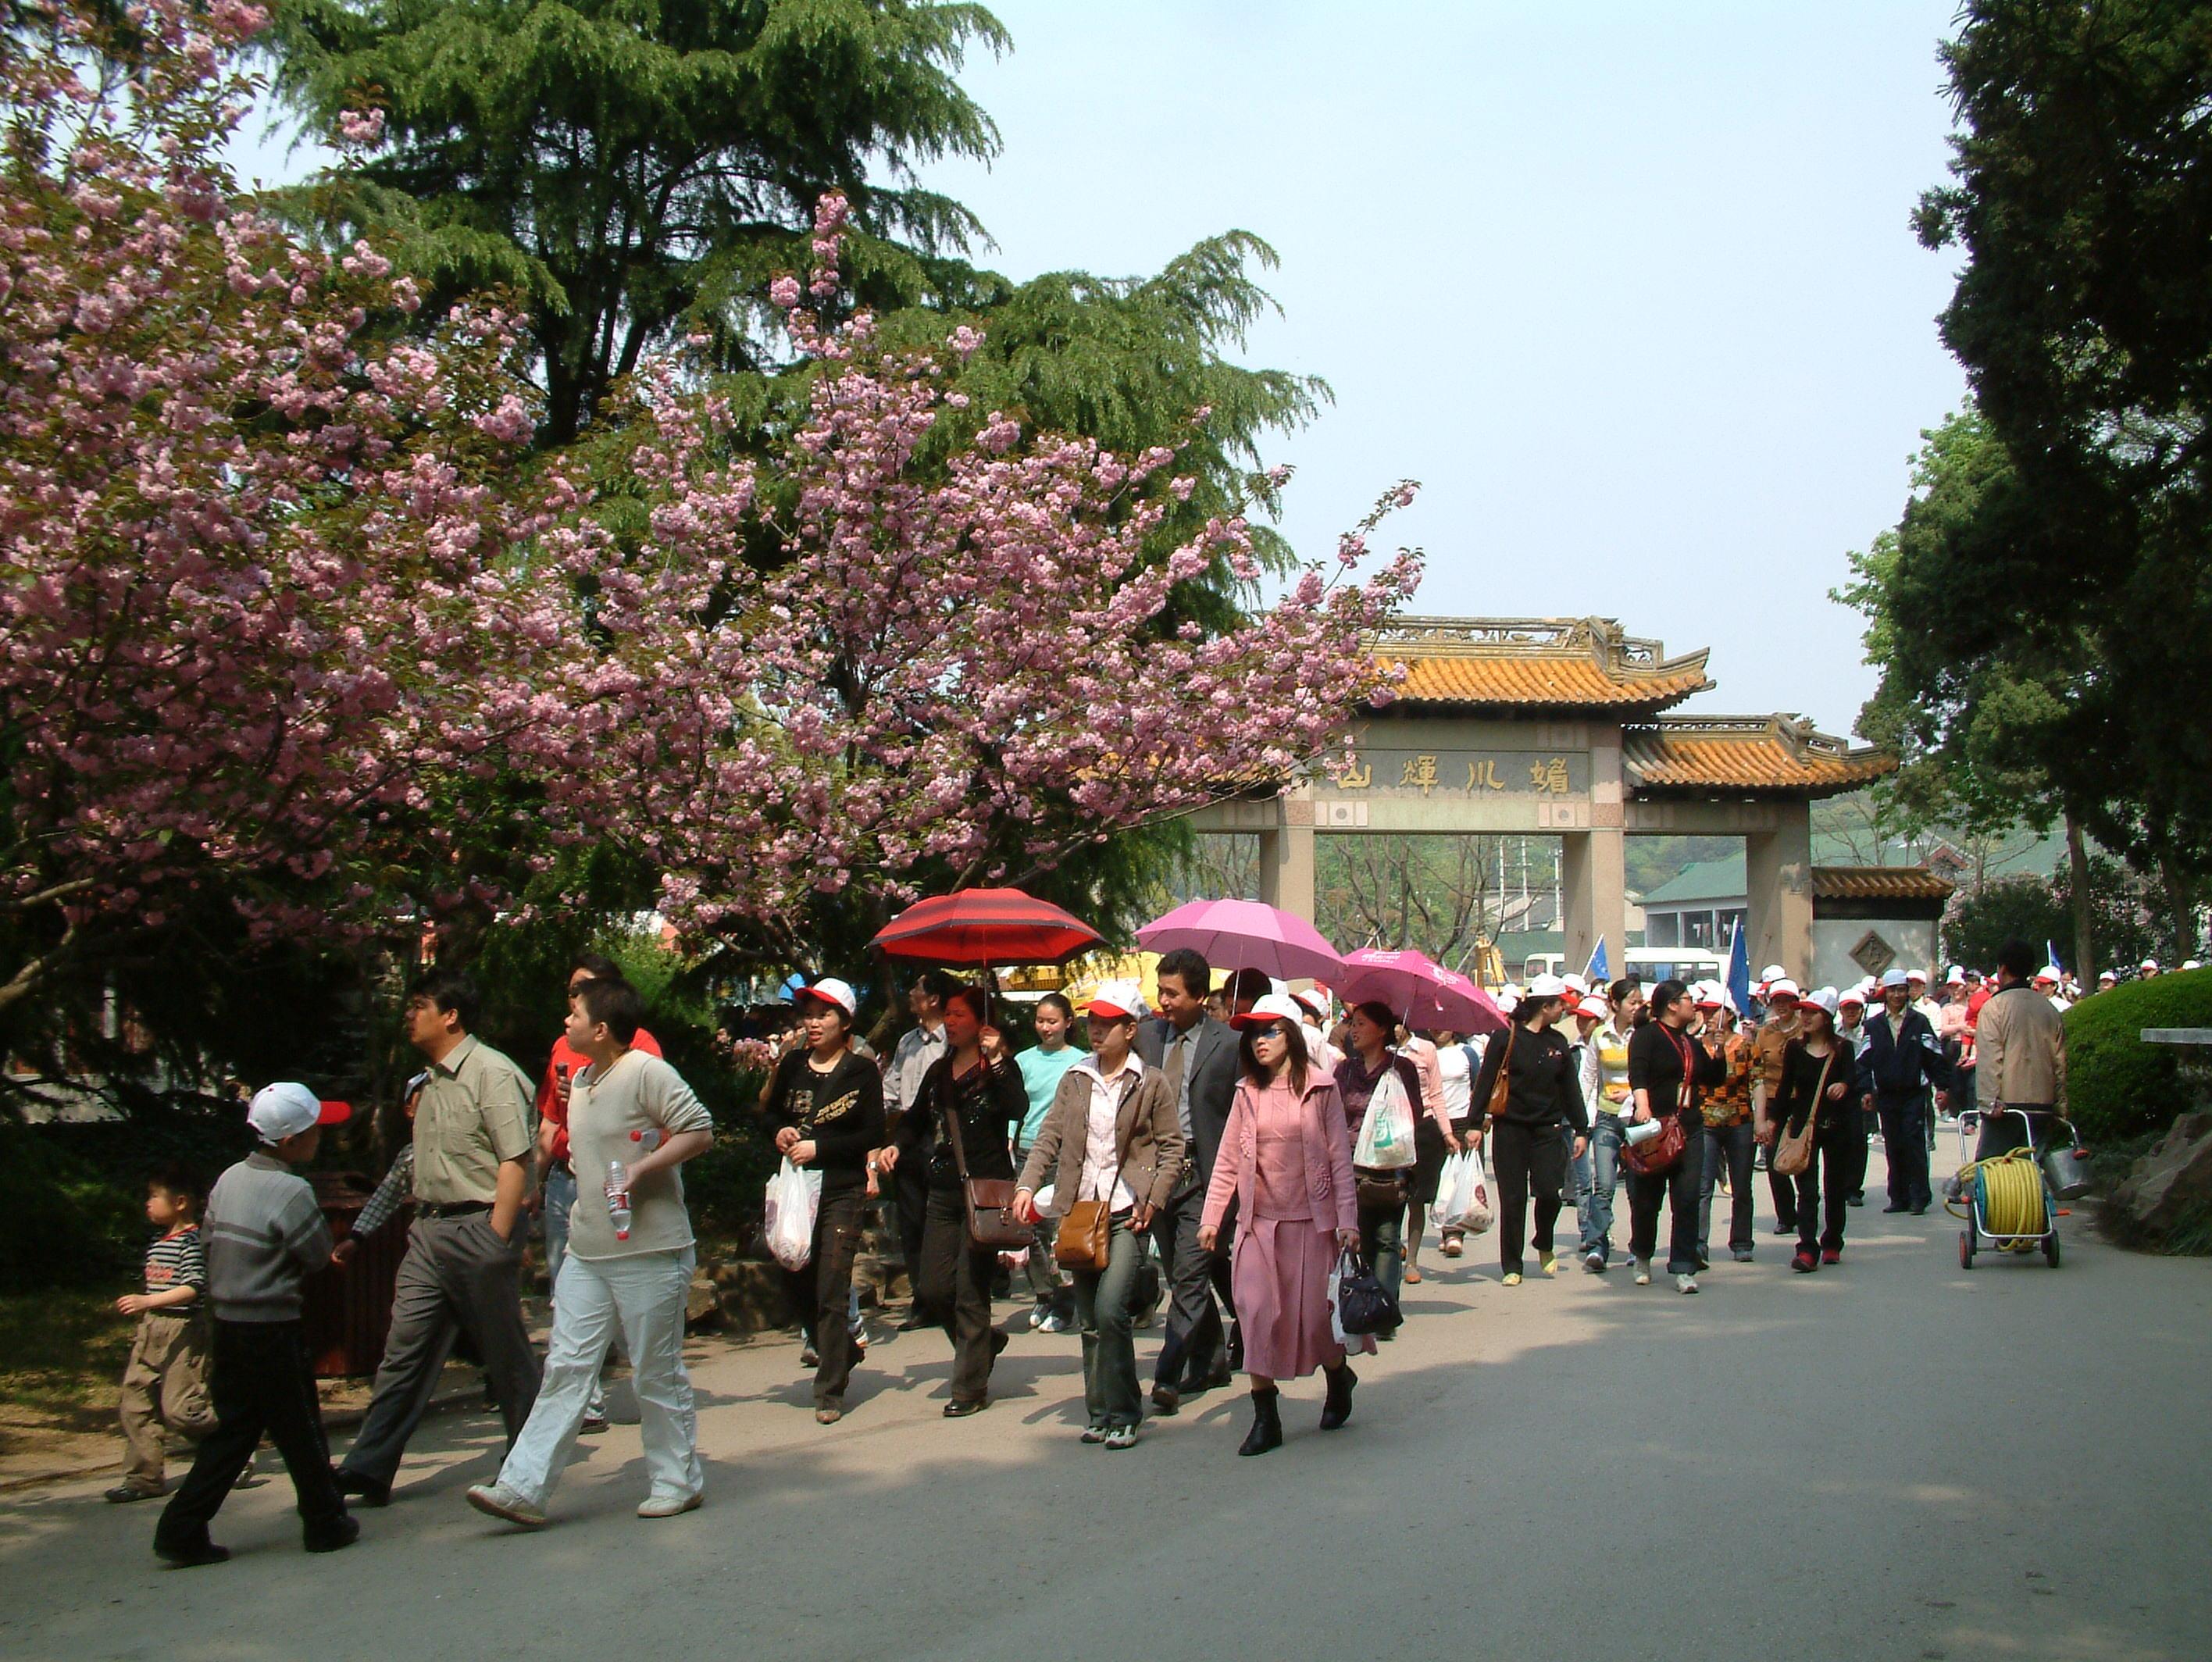 ...出游的旅客提供车位,但是即使算上错时停车,在出现春游客流高... (1)